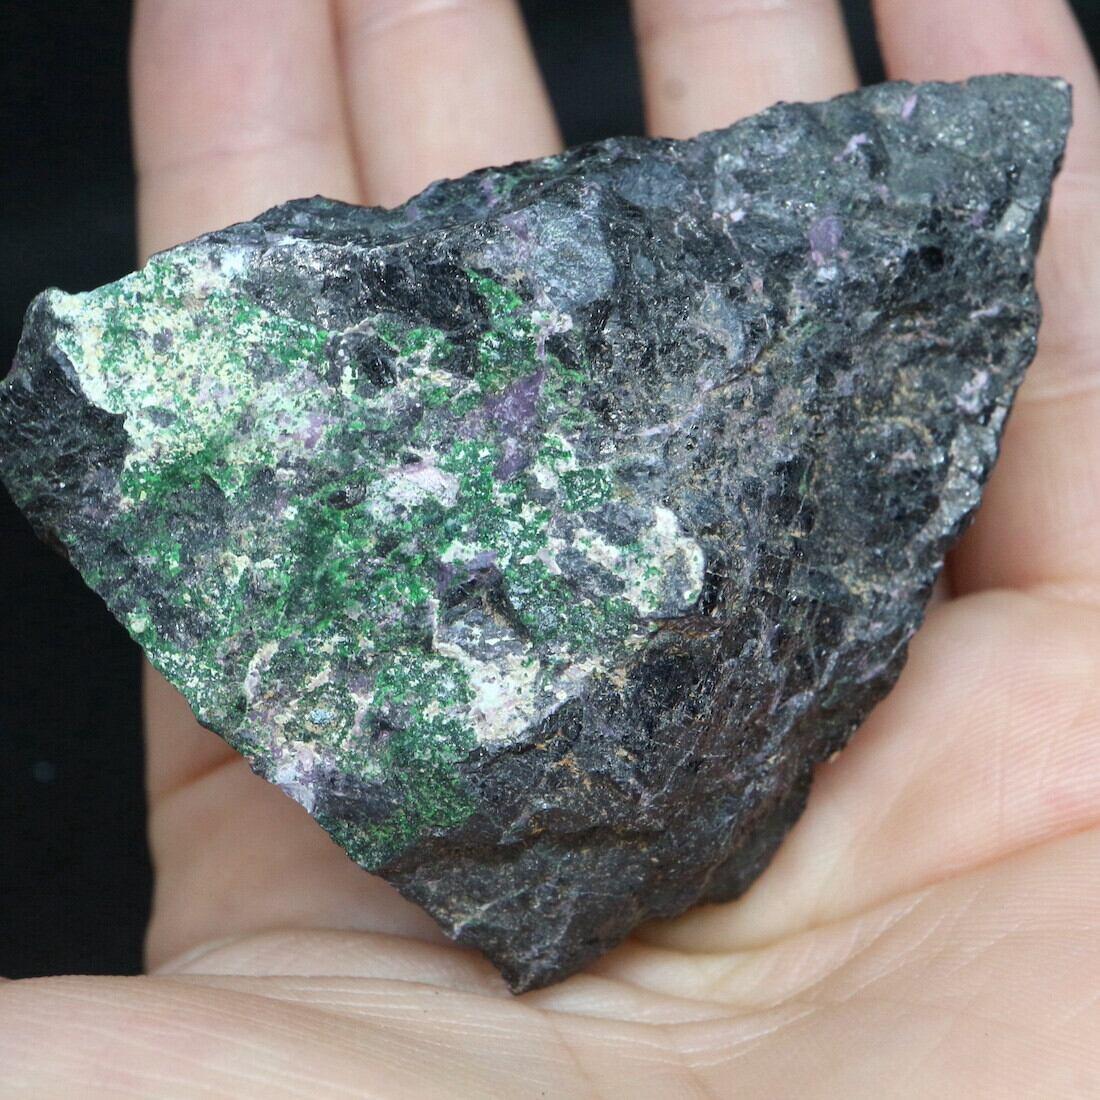 レア共生!ウバロバイト カメレライト クロム鉄鉱  カリフォルニア産 181,9g CHM003 鉱物 鉱石 天然石パ ワーストーン 標本